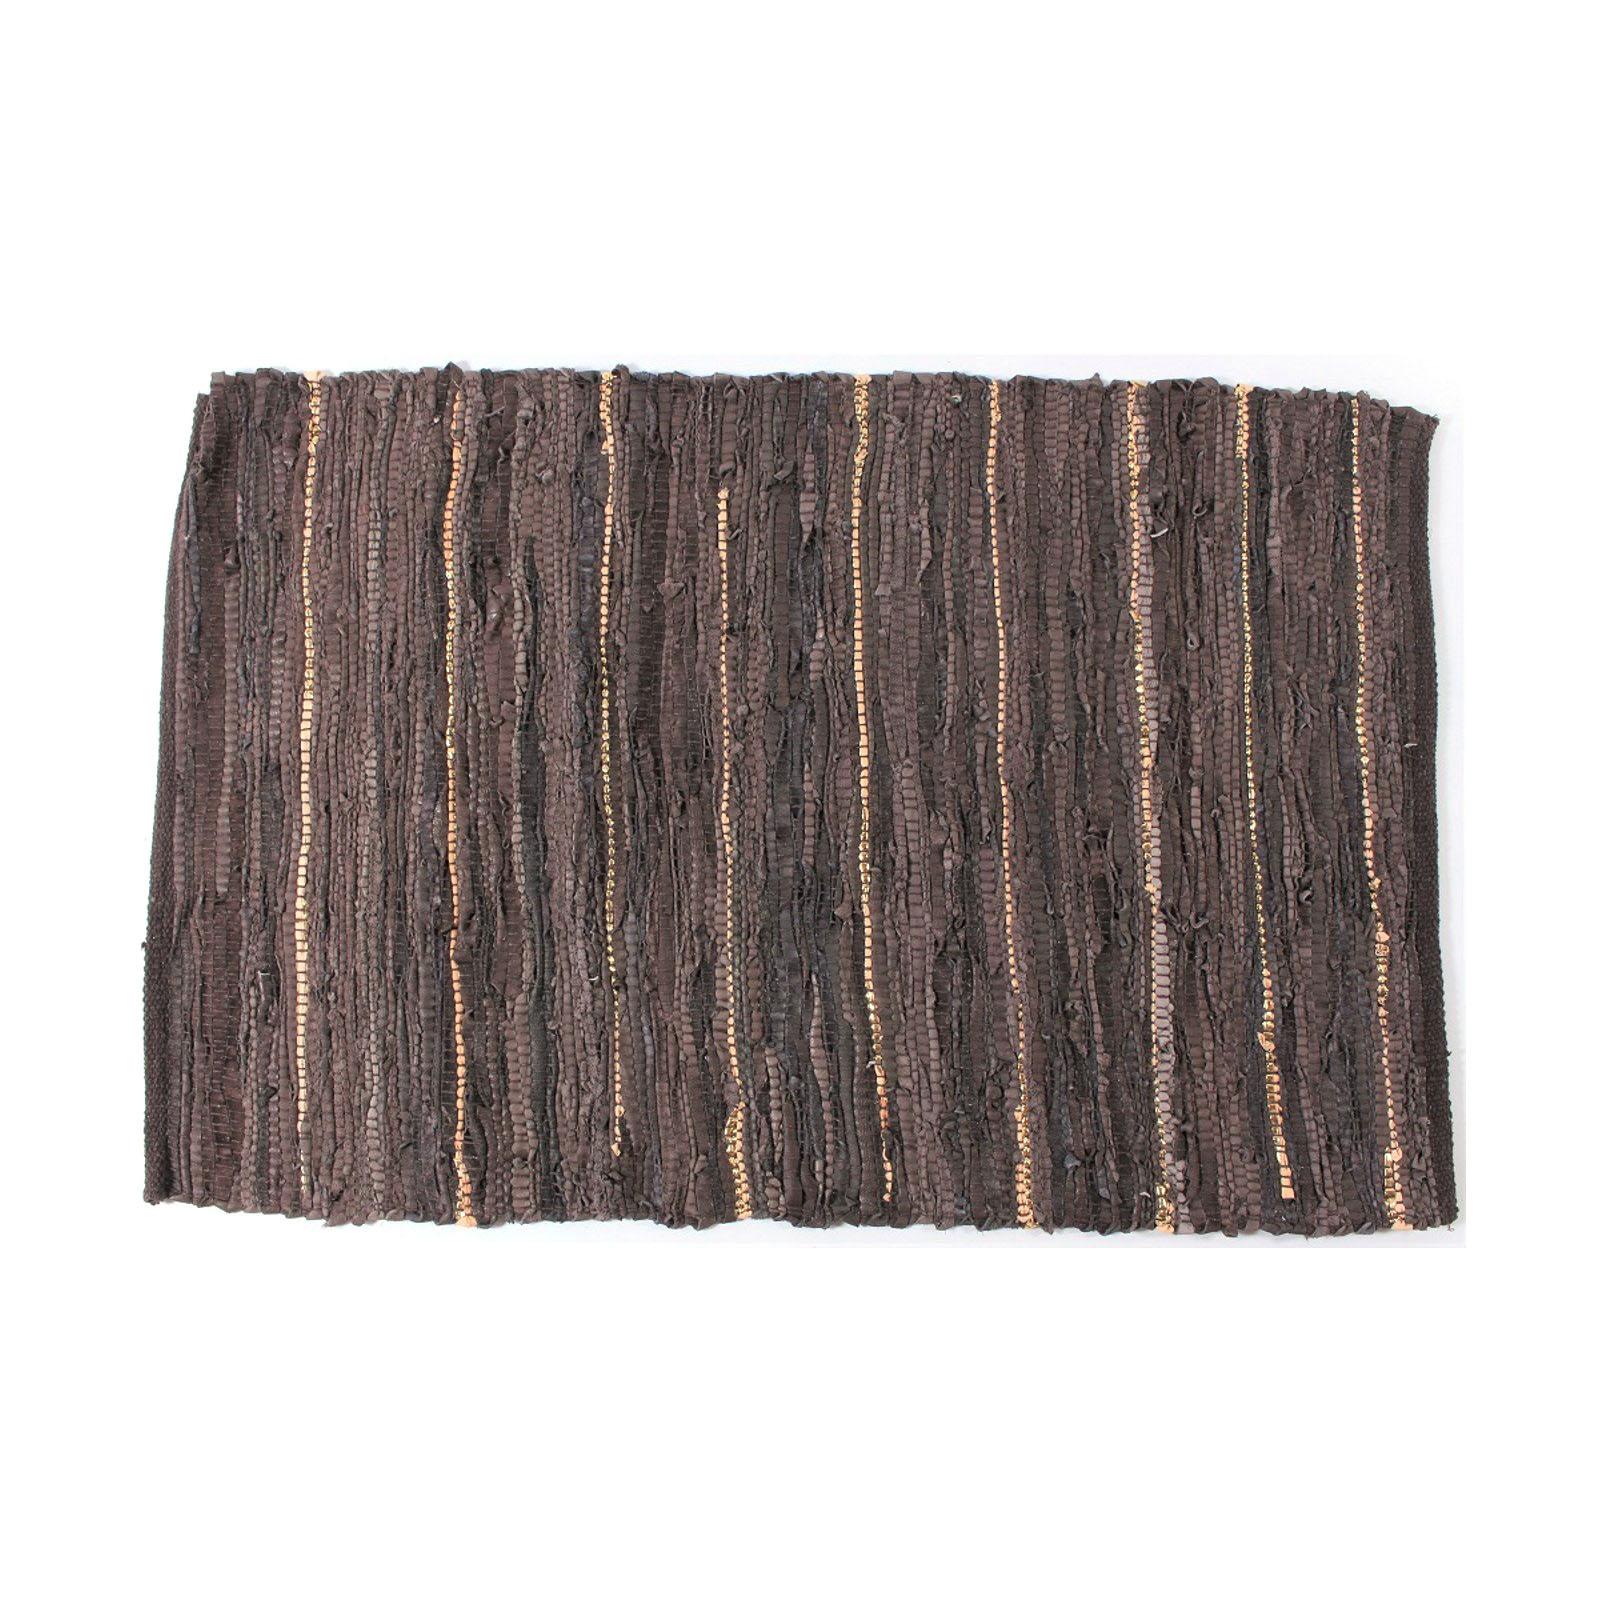 flickenteppich daphne leder braun beige 60x90 cm teppich vorleger ebay. Black Bedroom Furniture Sets. Home Design Ideas